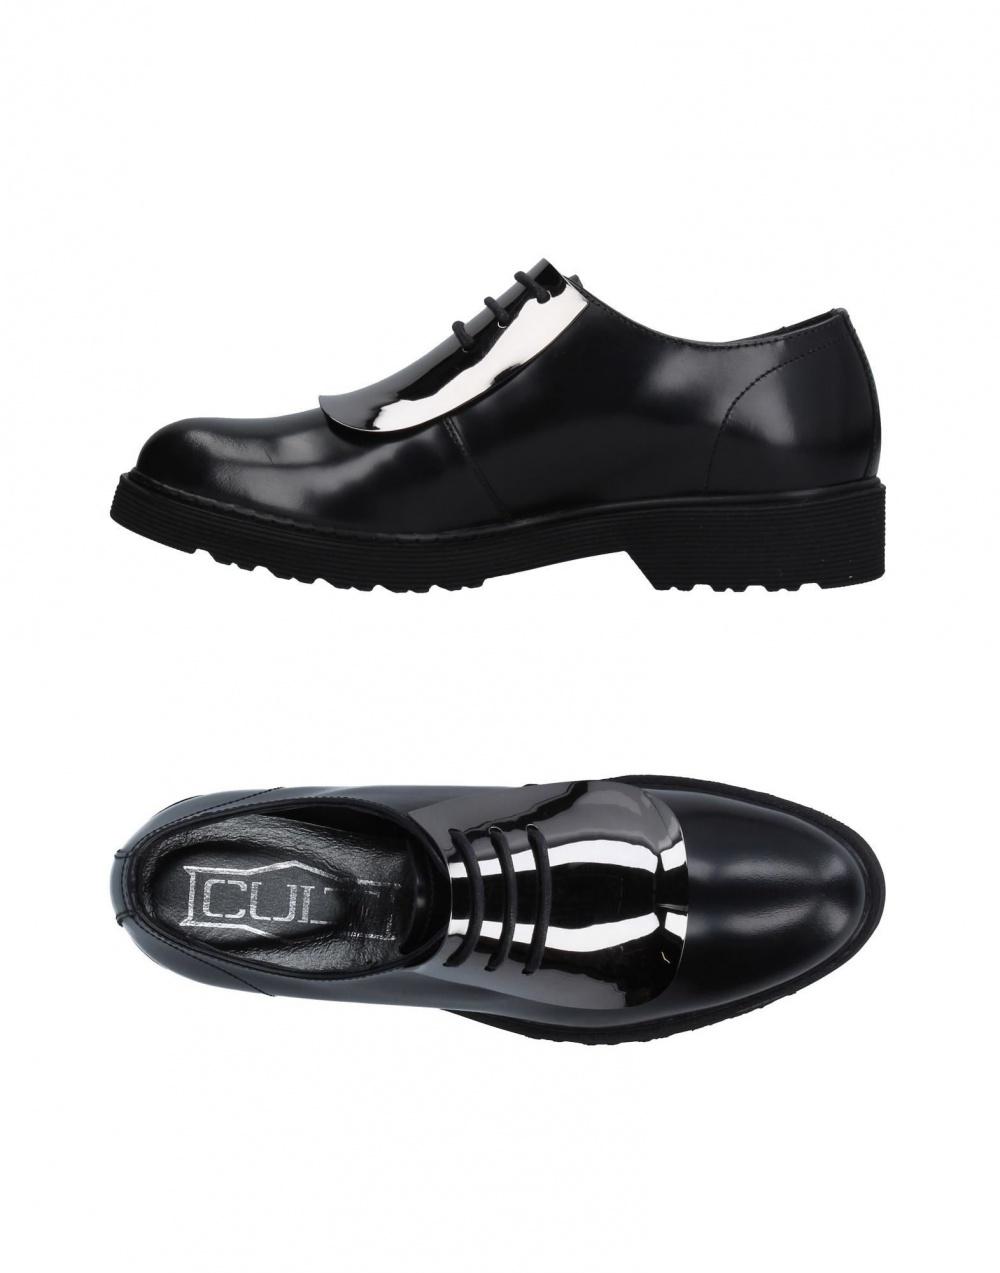 Полуботинки на шнуровке, cult, 37